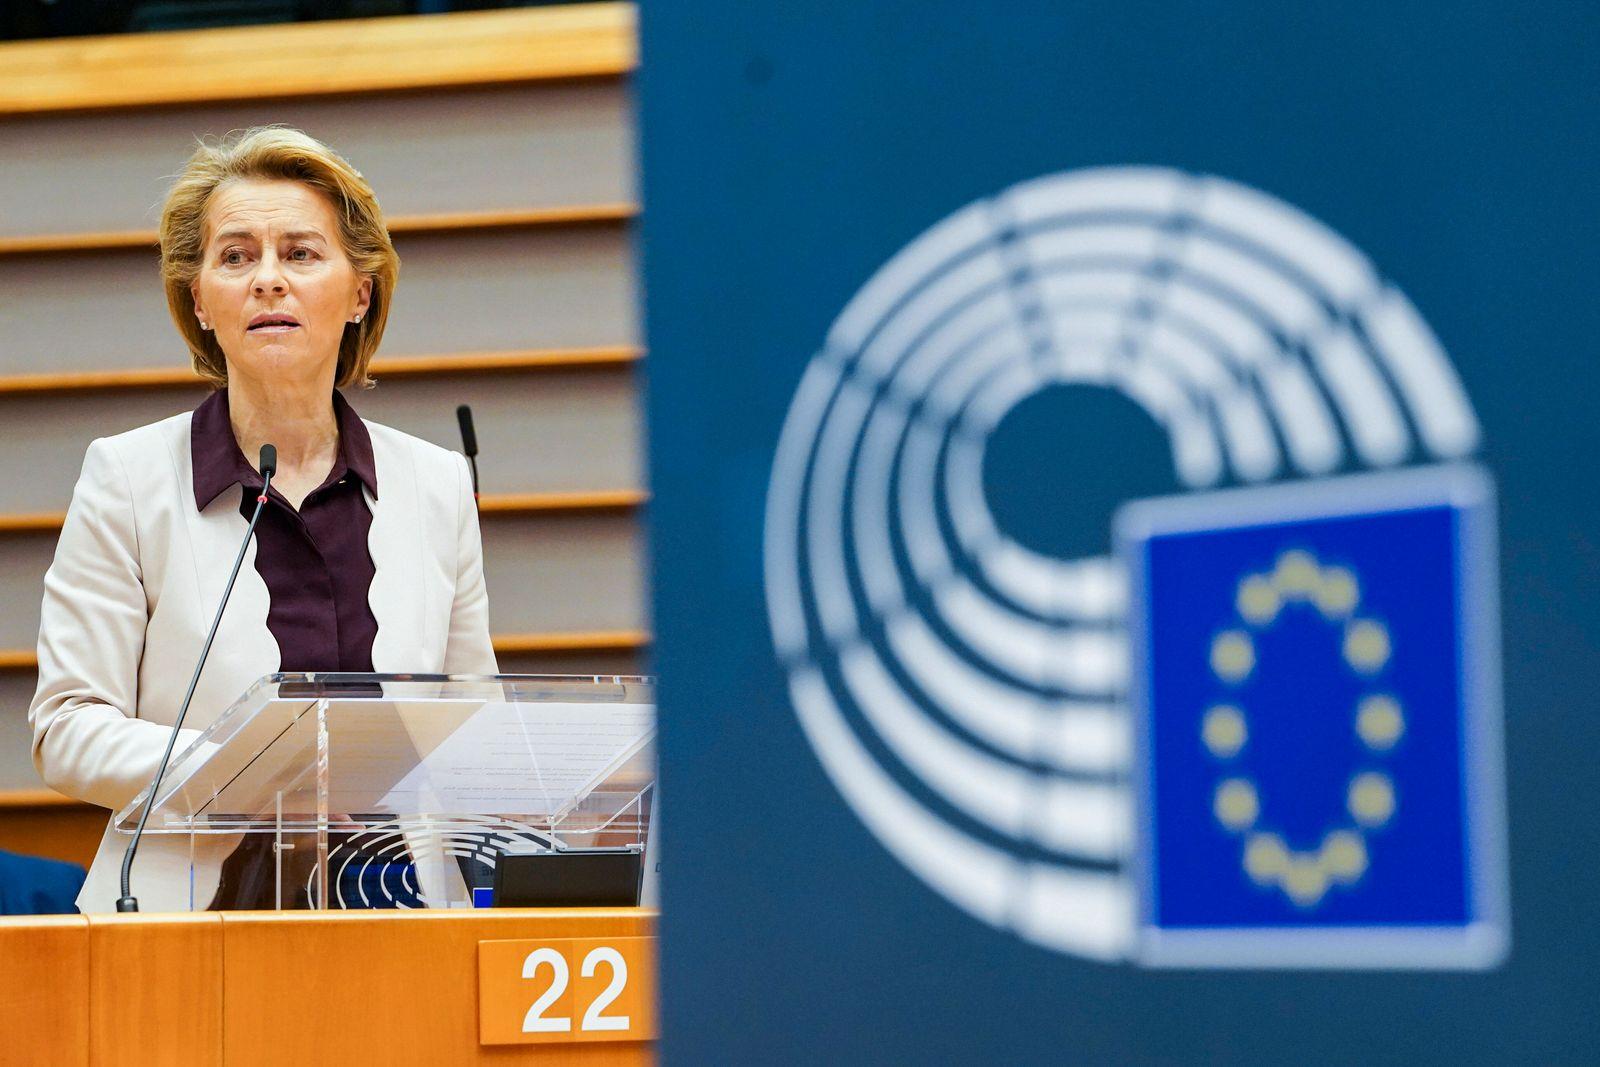 (200724) -- BRUSSELS, July 24, 2020 -- European Commission President Ursula von der Leyen makes a statement at an extra